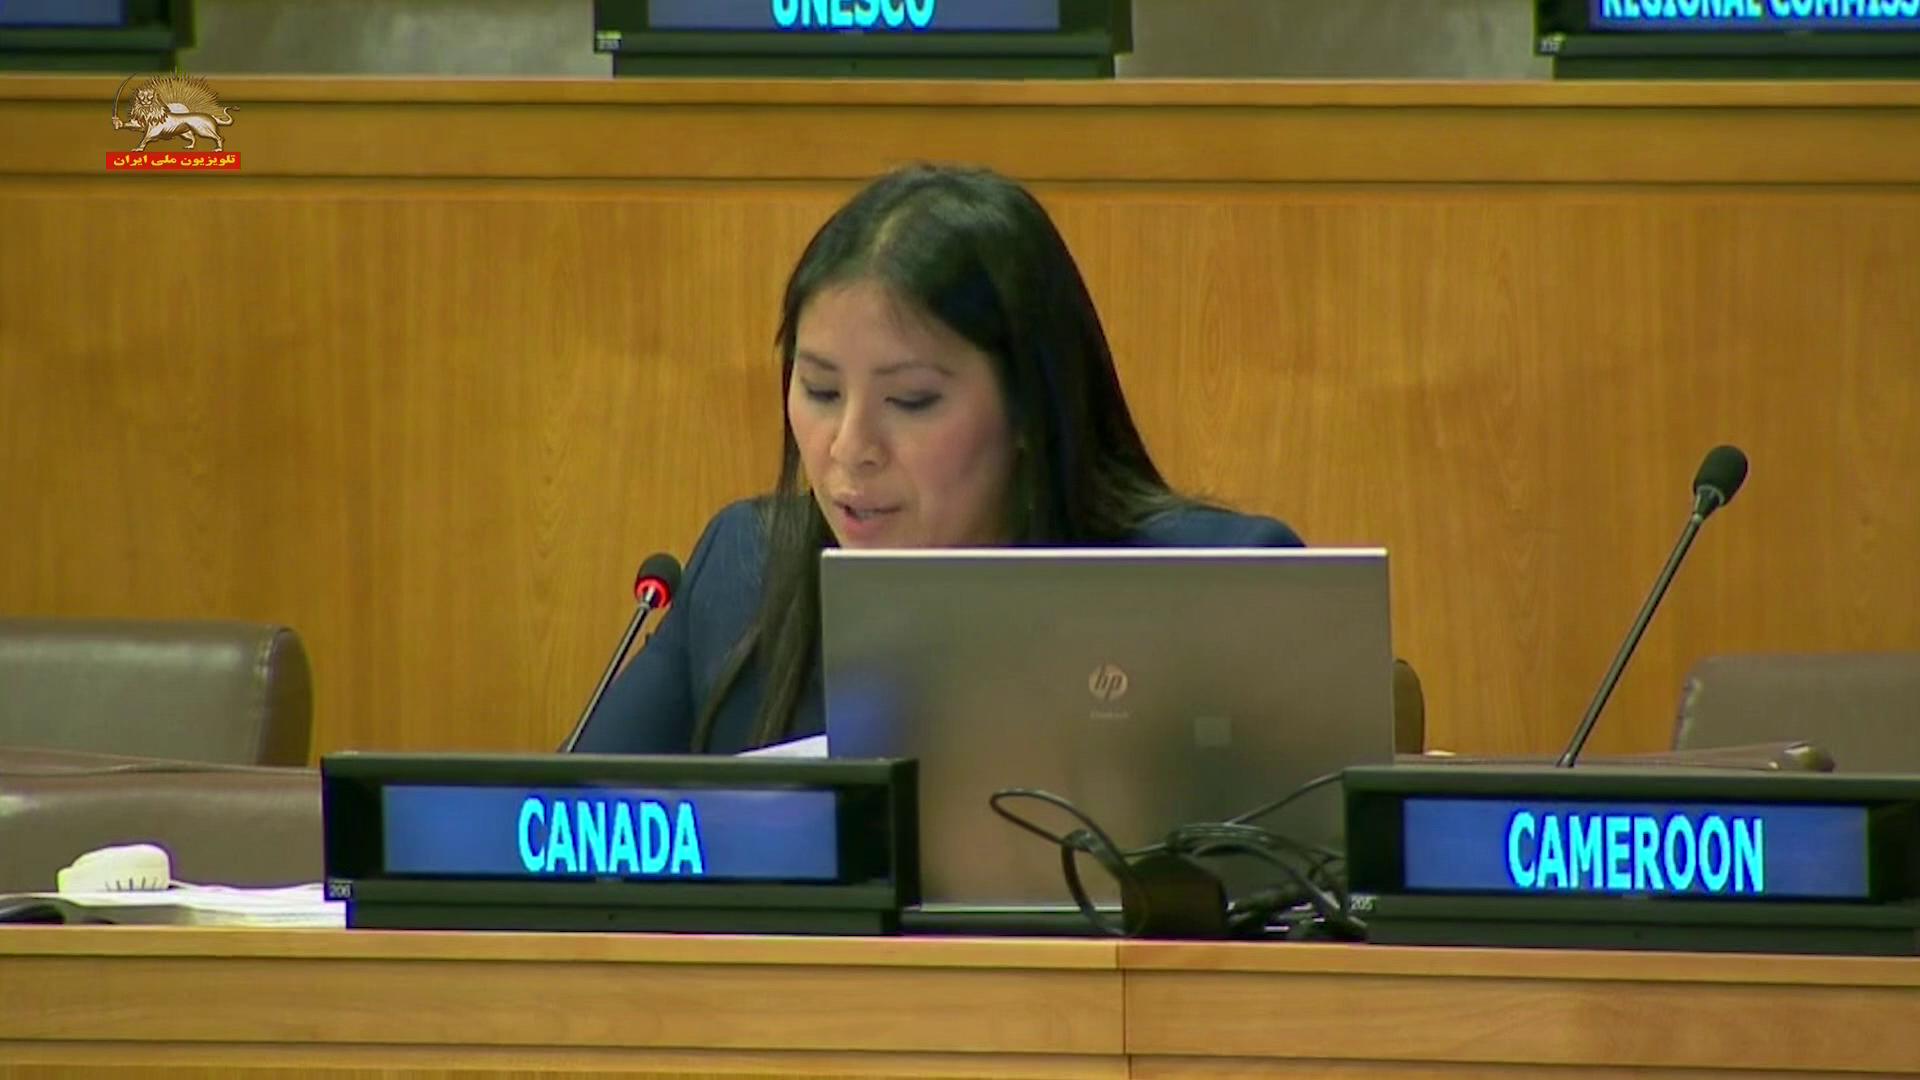 نماینده کانادا در اجلاس کمیتهٴ سوم مجمع عمومی